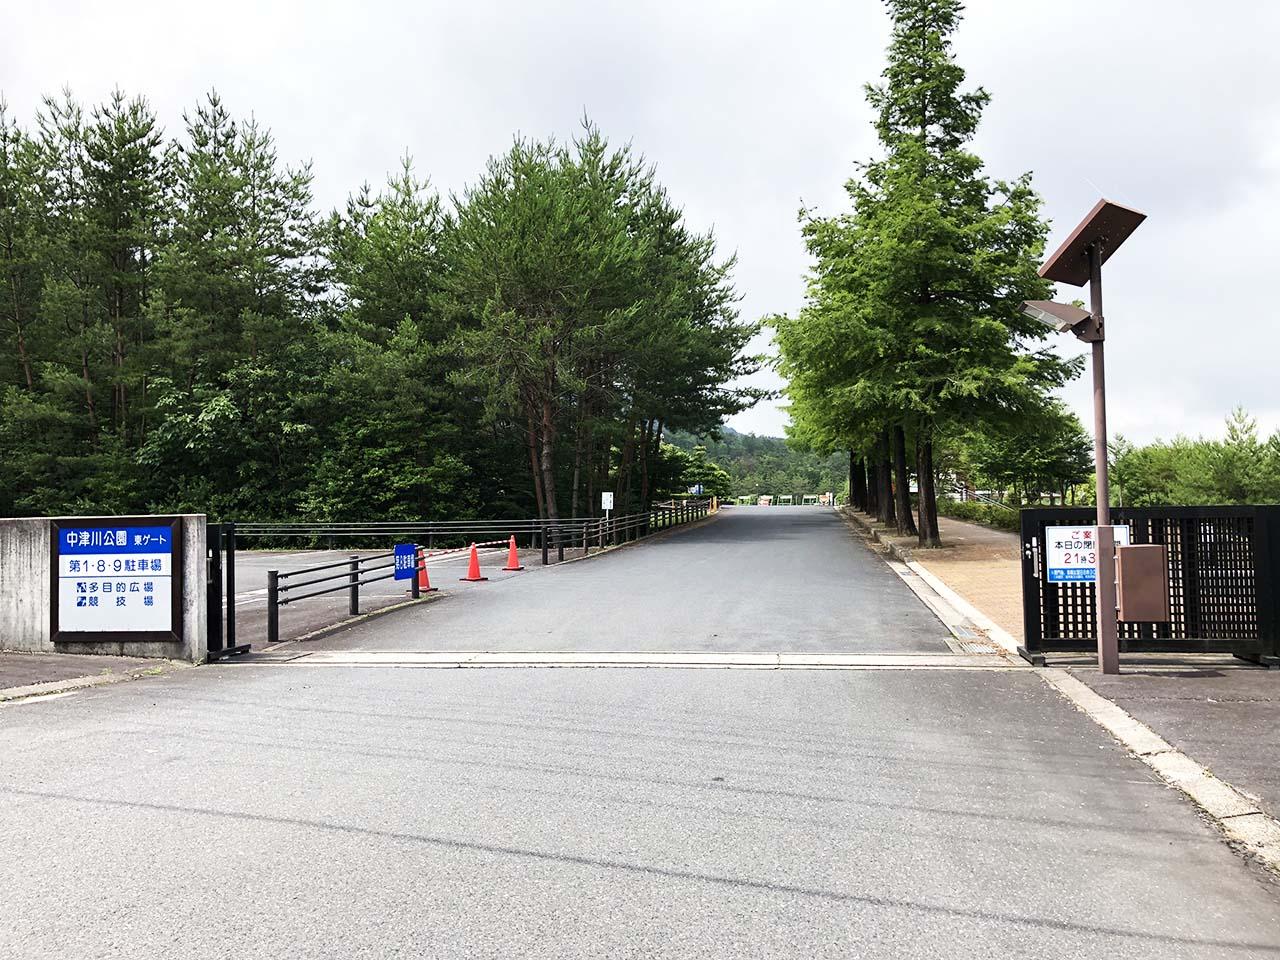 中津川公園の第1駐車場の入り口